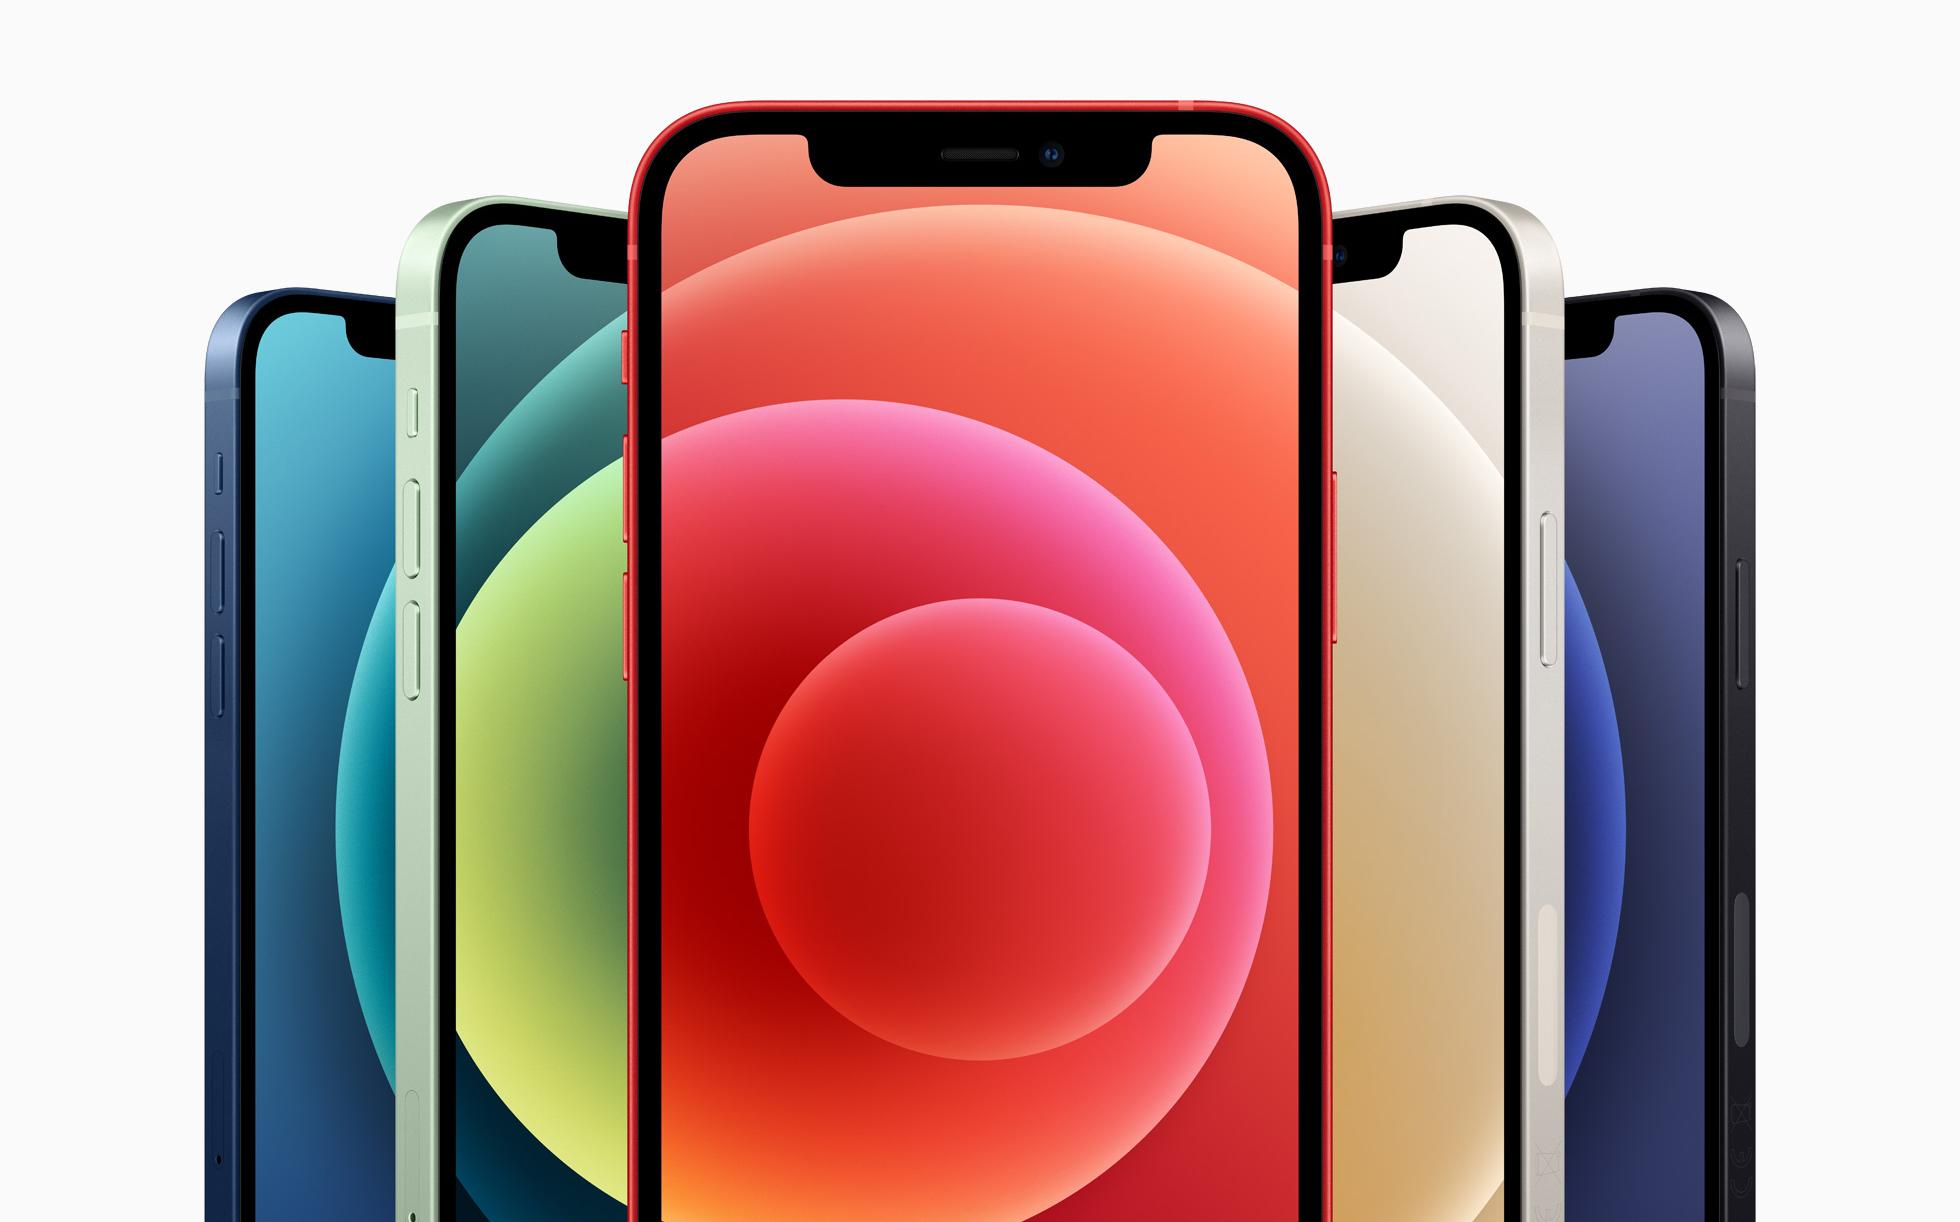 与多款 Android 手机比较:5G 网络下 iPhone 12 电池续航最差